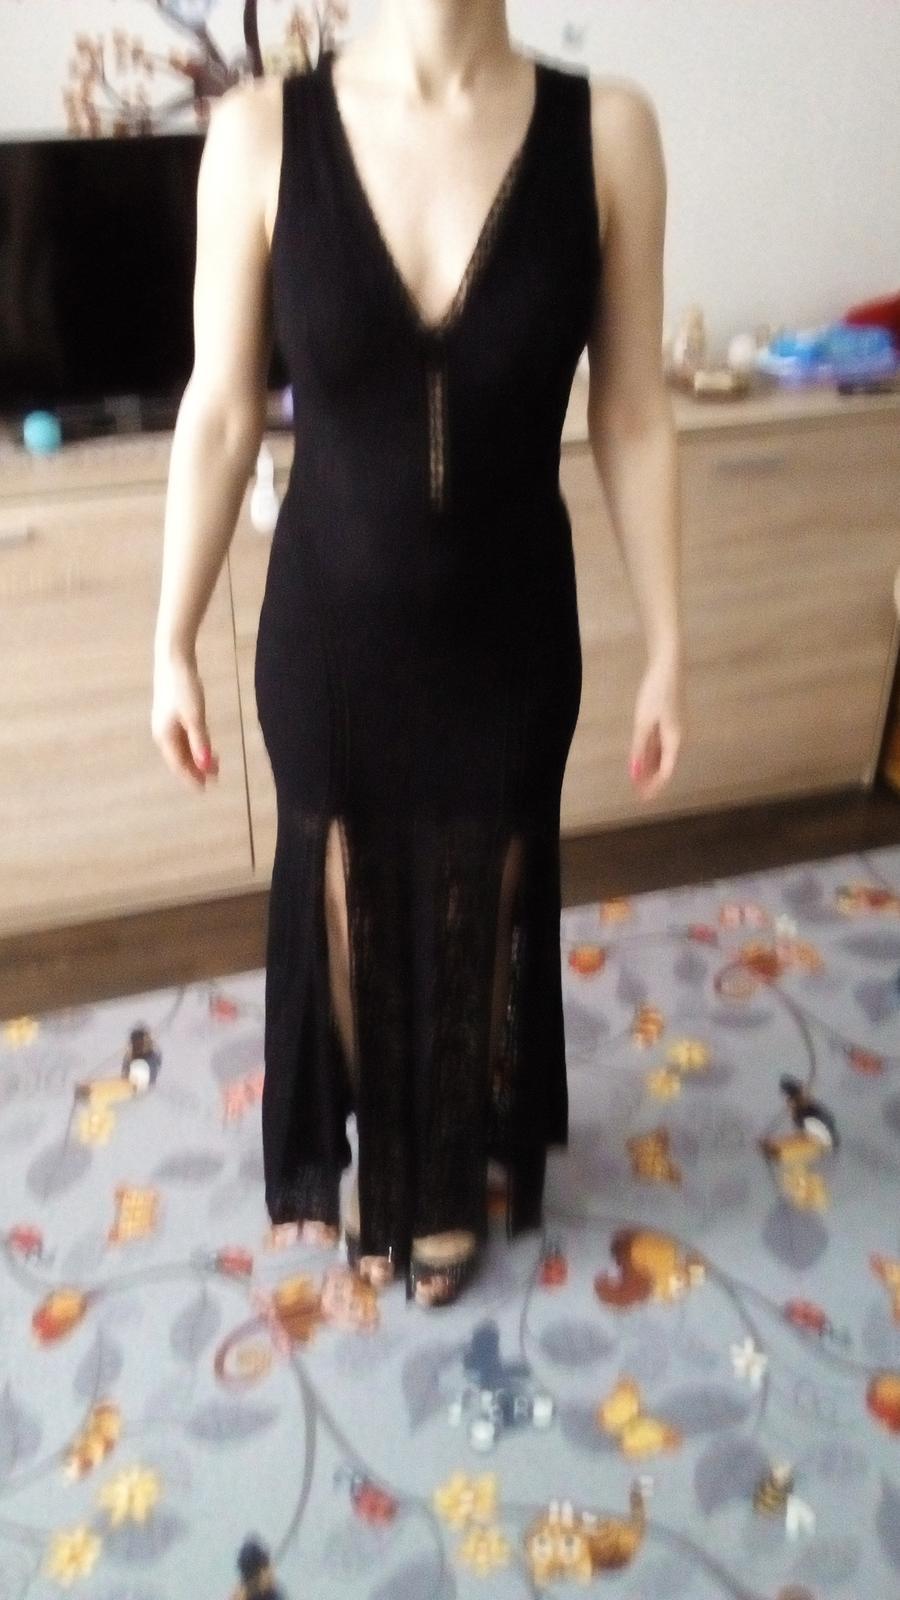 Dlhé čierne čipkované šaty.  - Obrázok č. 1